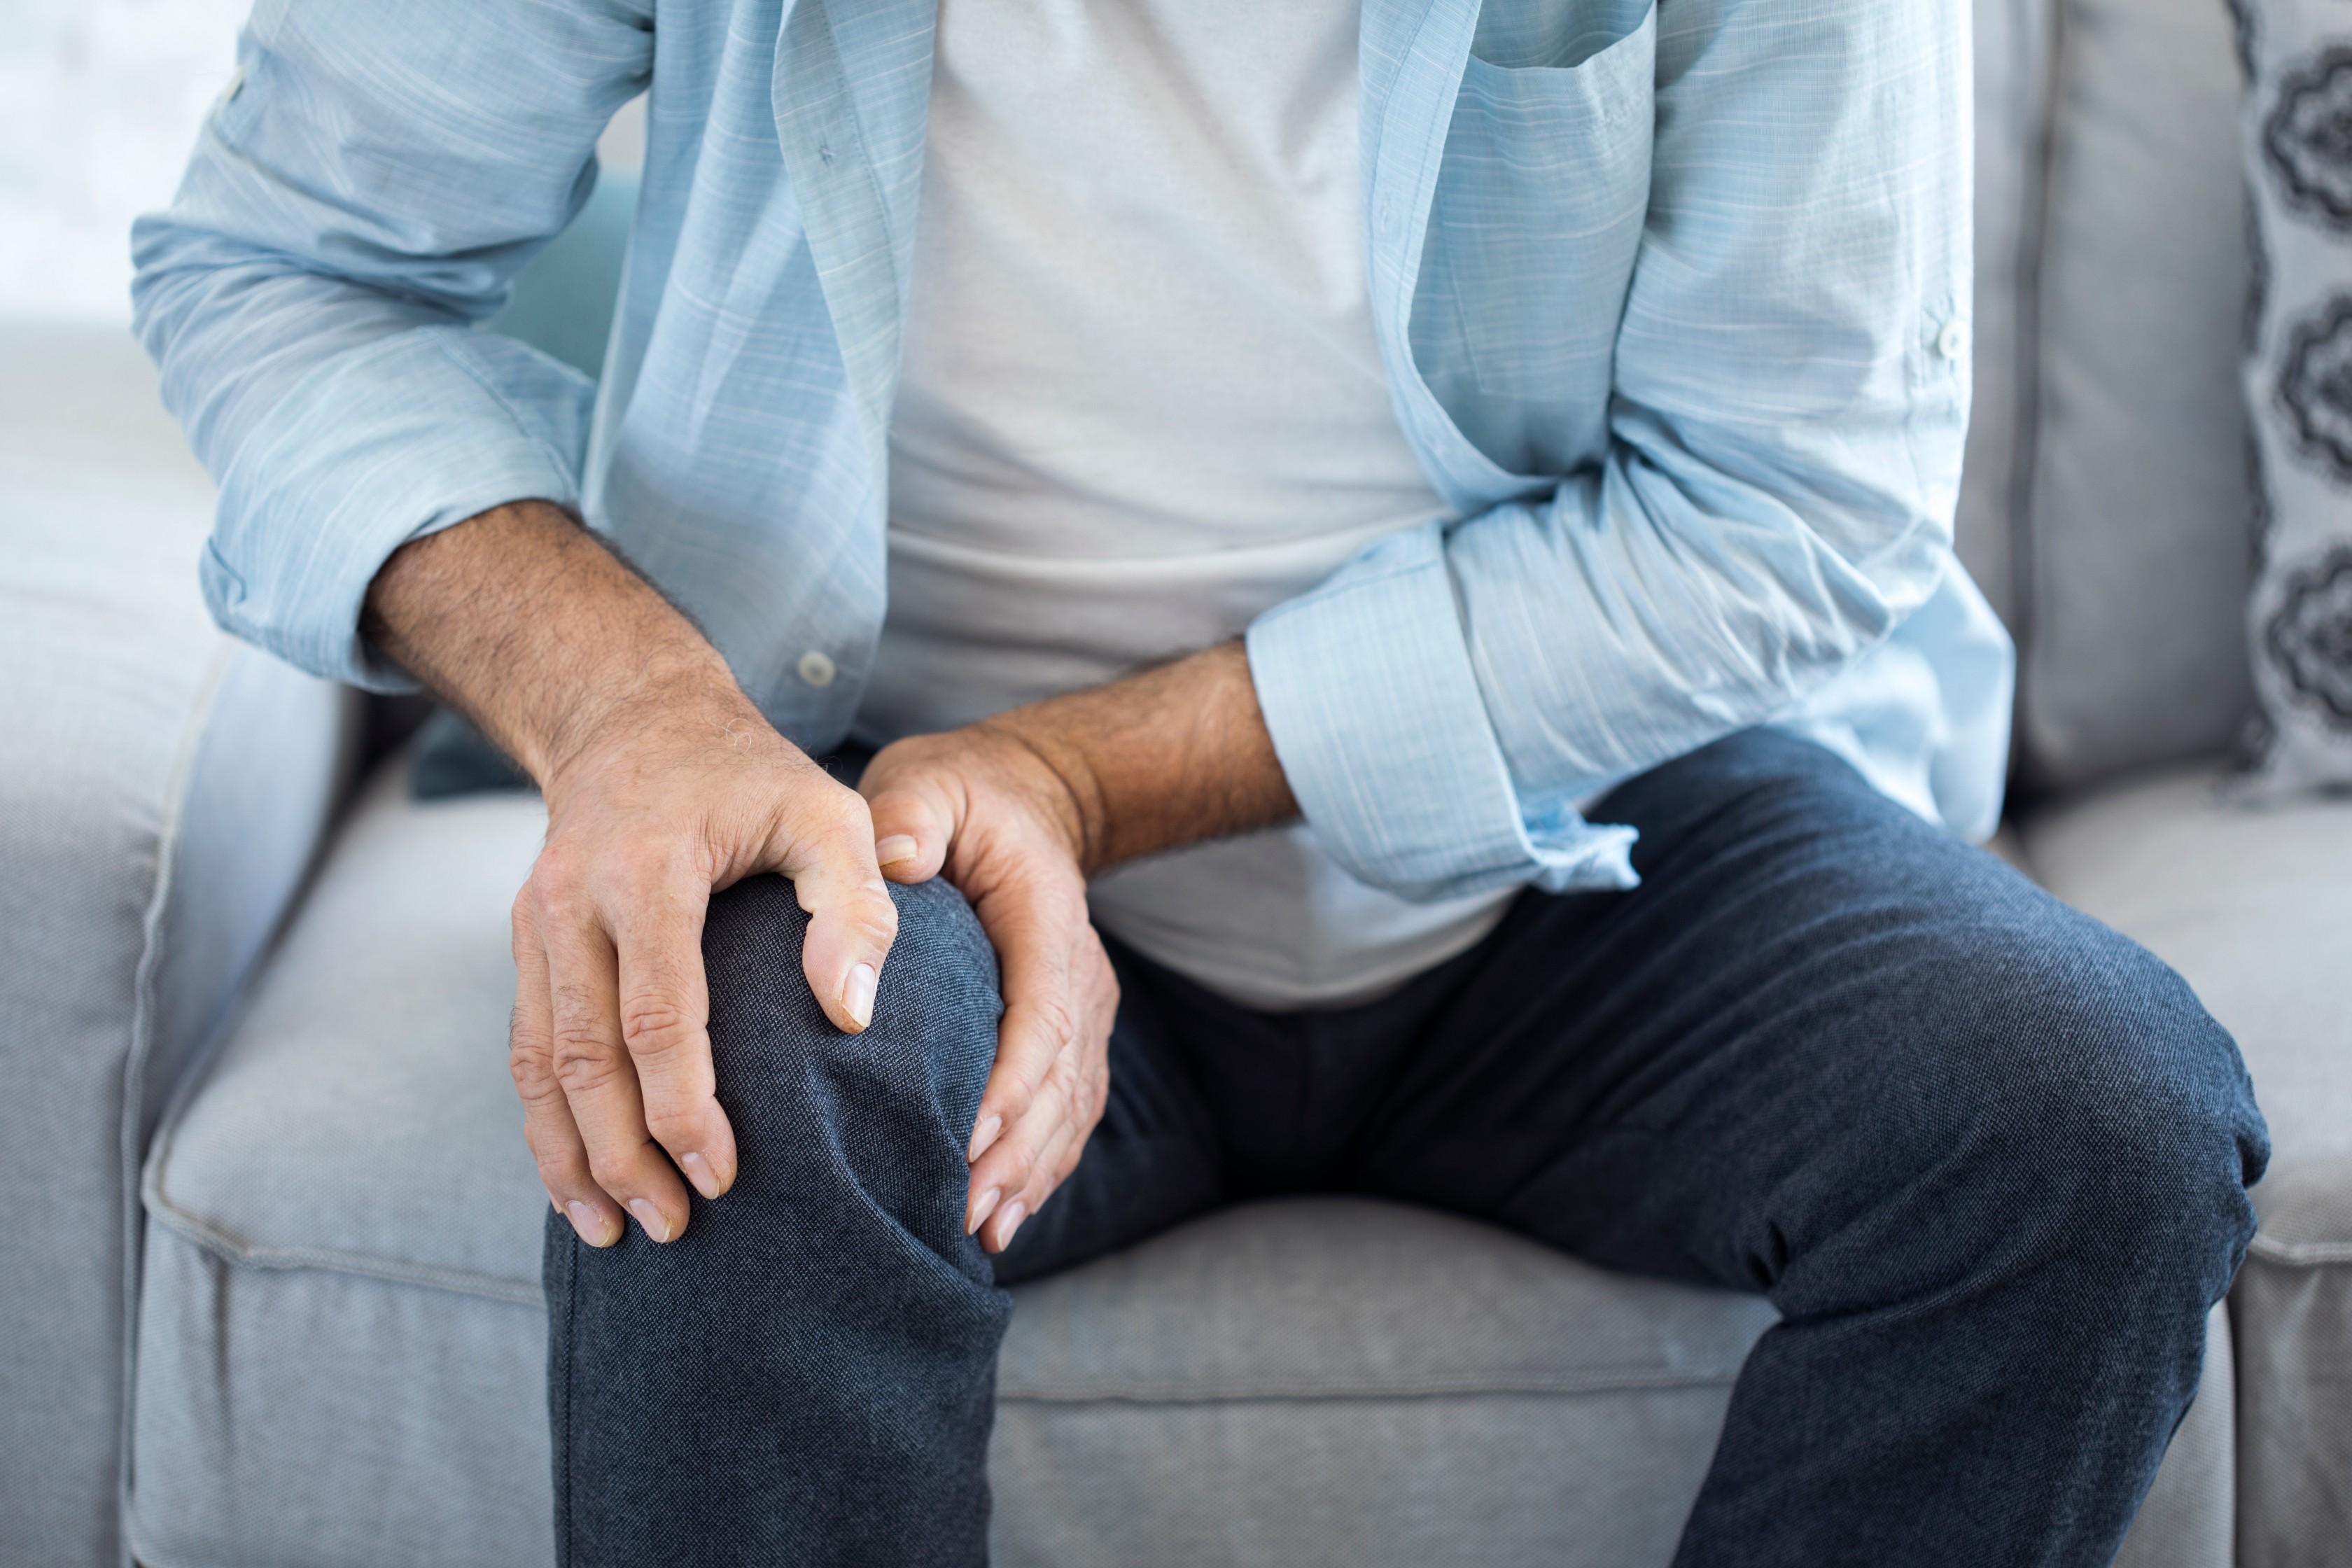 lézeres alkalmazás artrózis kezelésében izmok és ízületek akut fájdalma